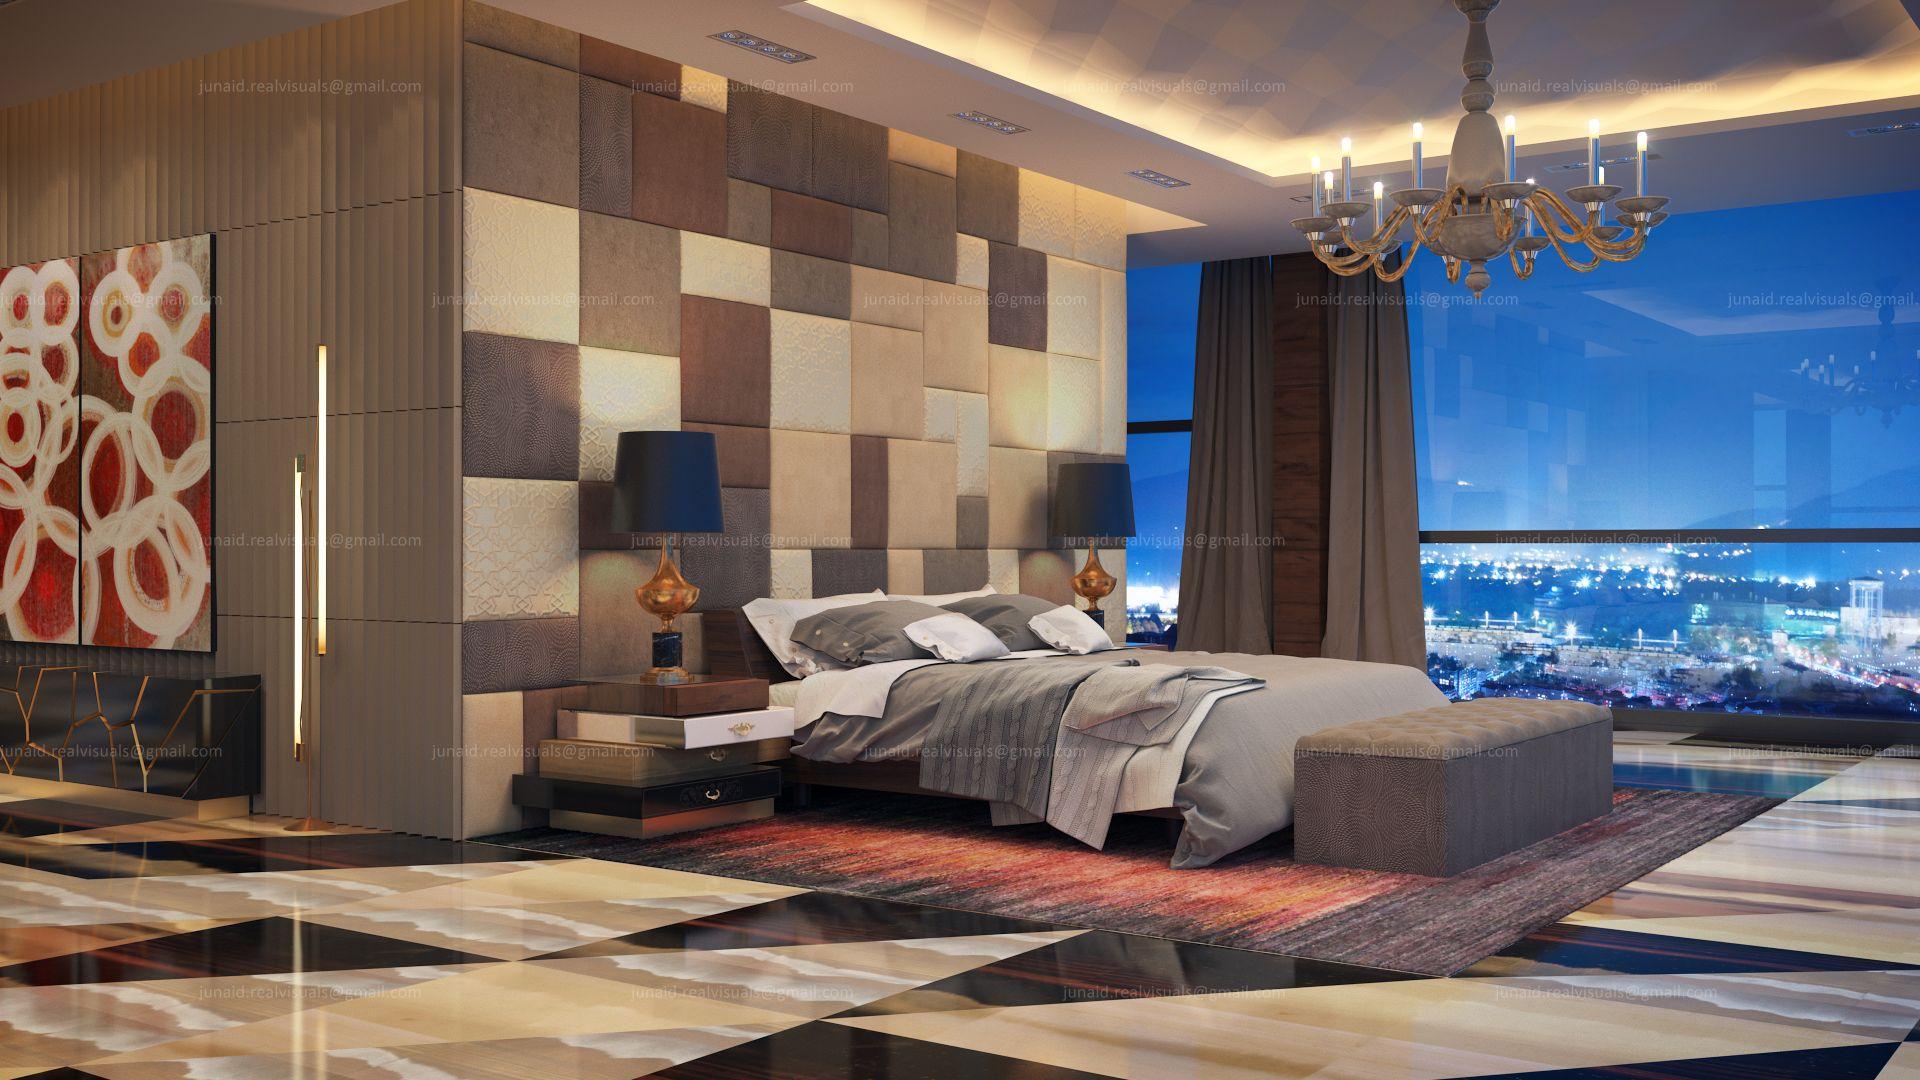 solutions bar kcl art restaurant rendering design interior